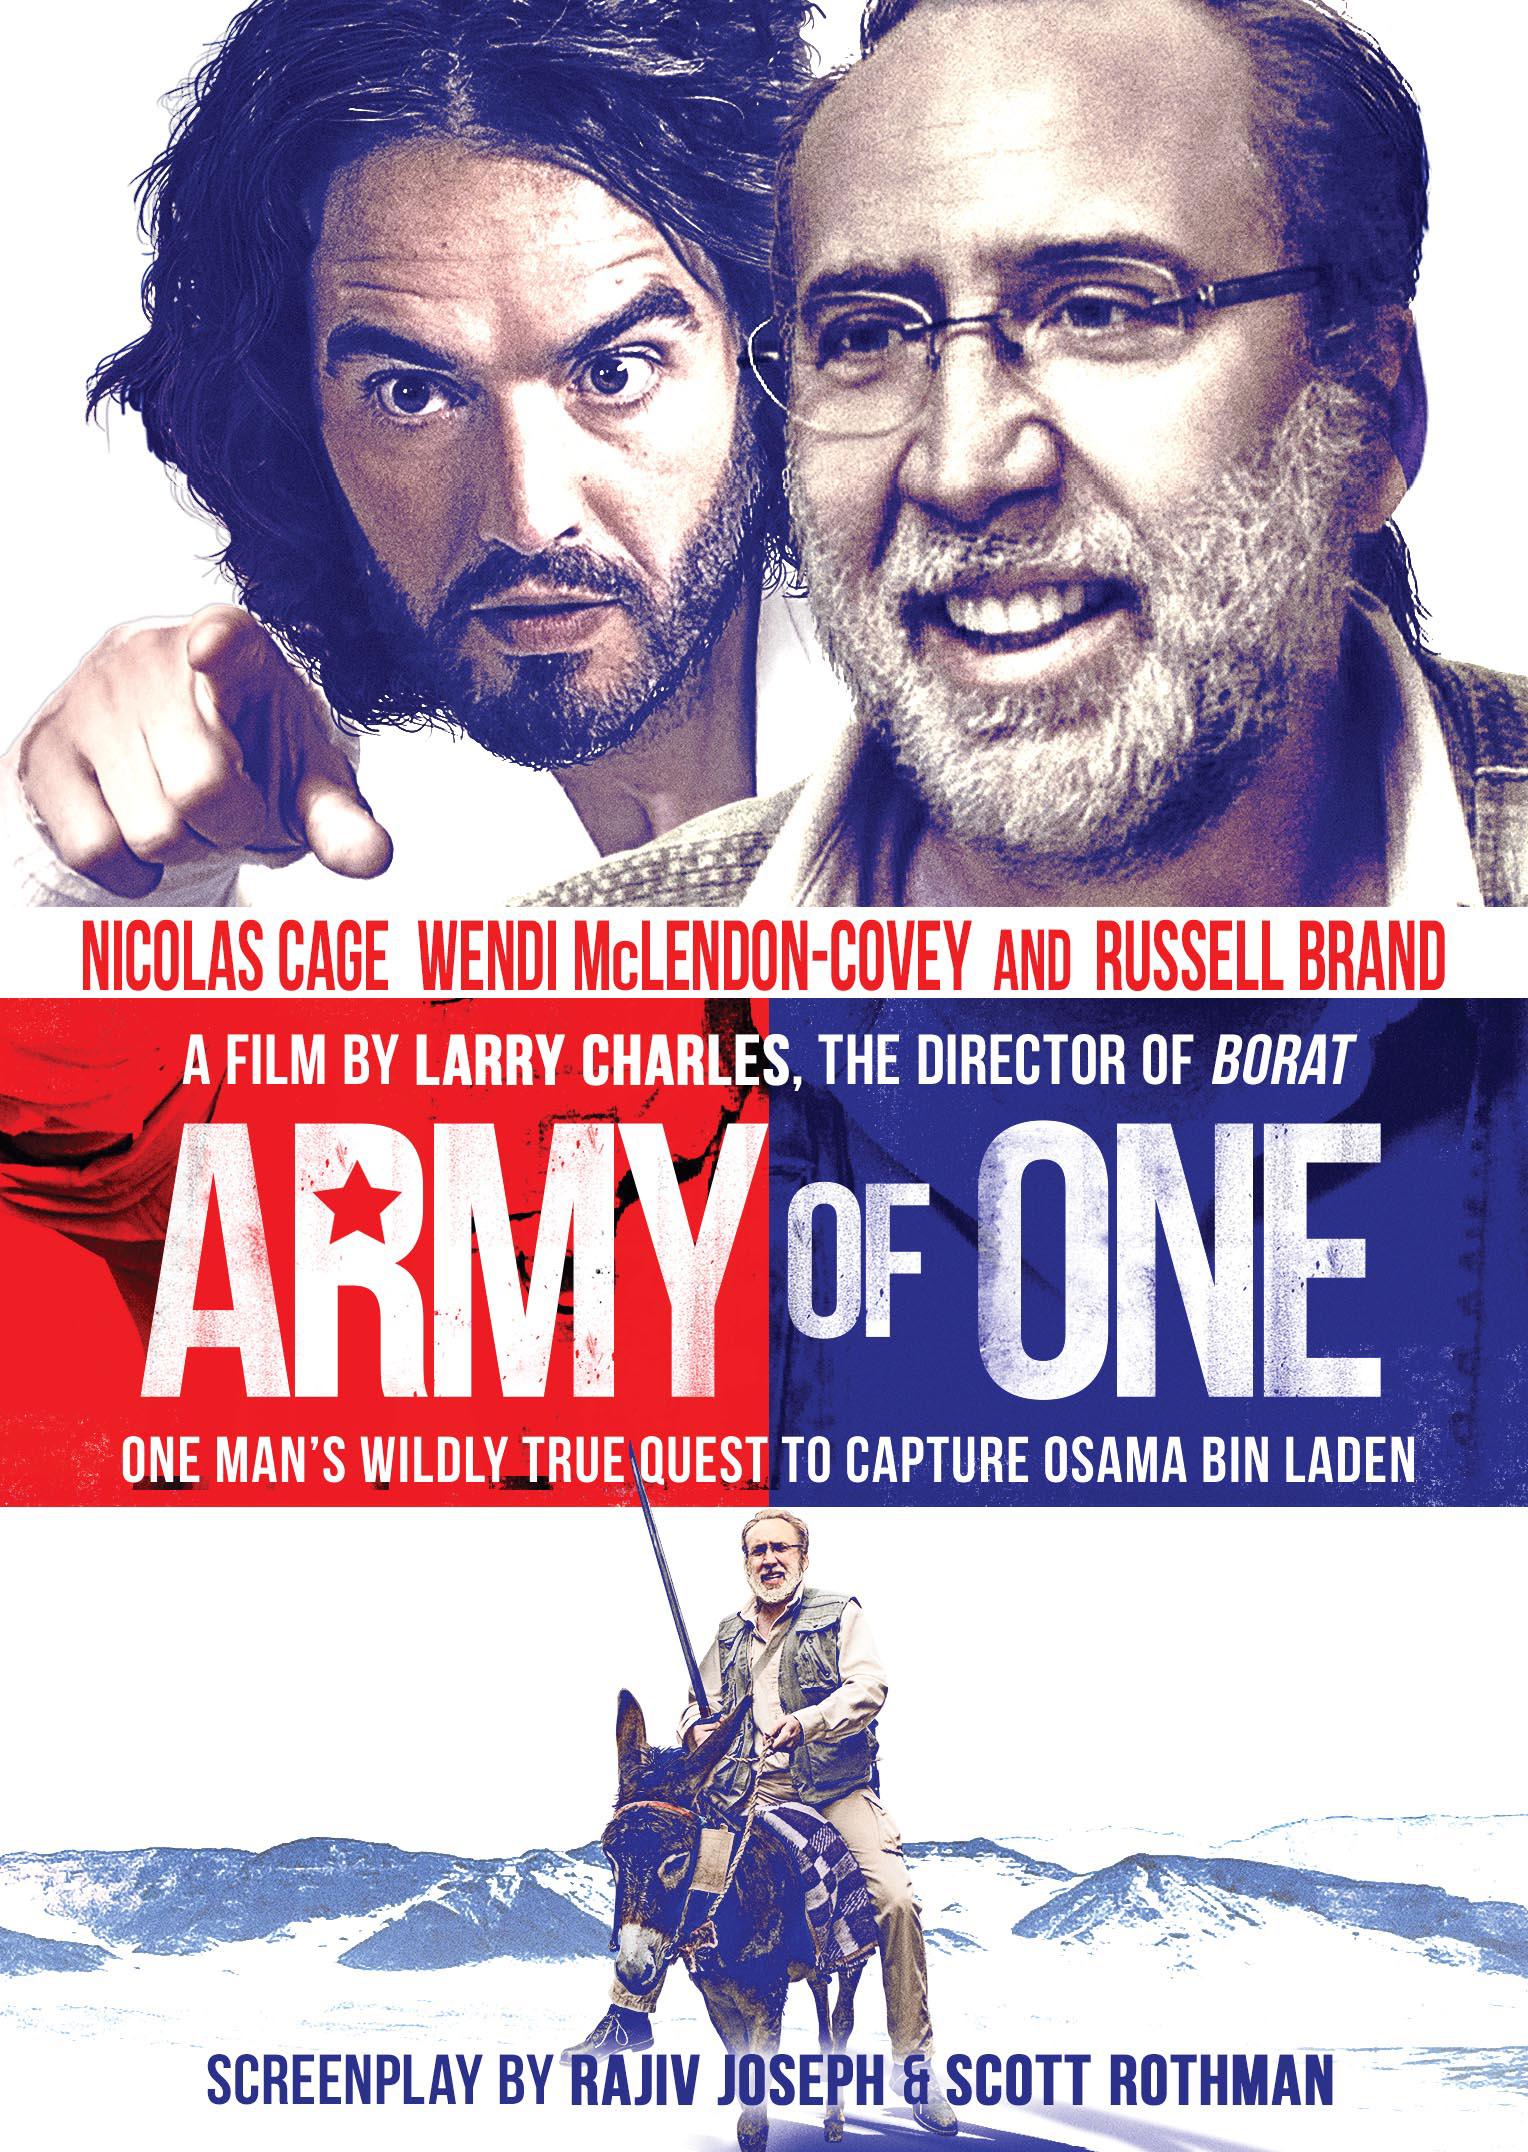 """니콜라스 케이지 + 러셀 브랜드 신작, """"Army of One.."""